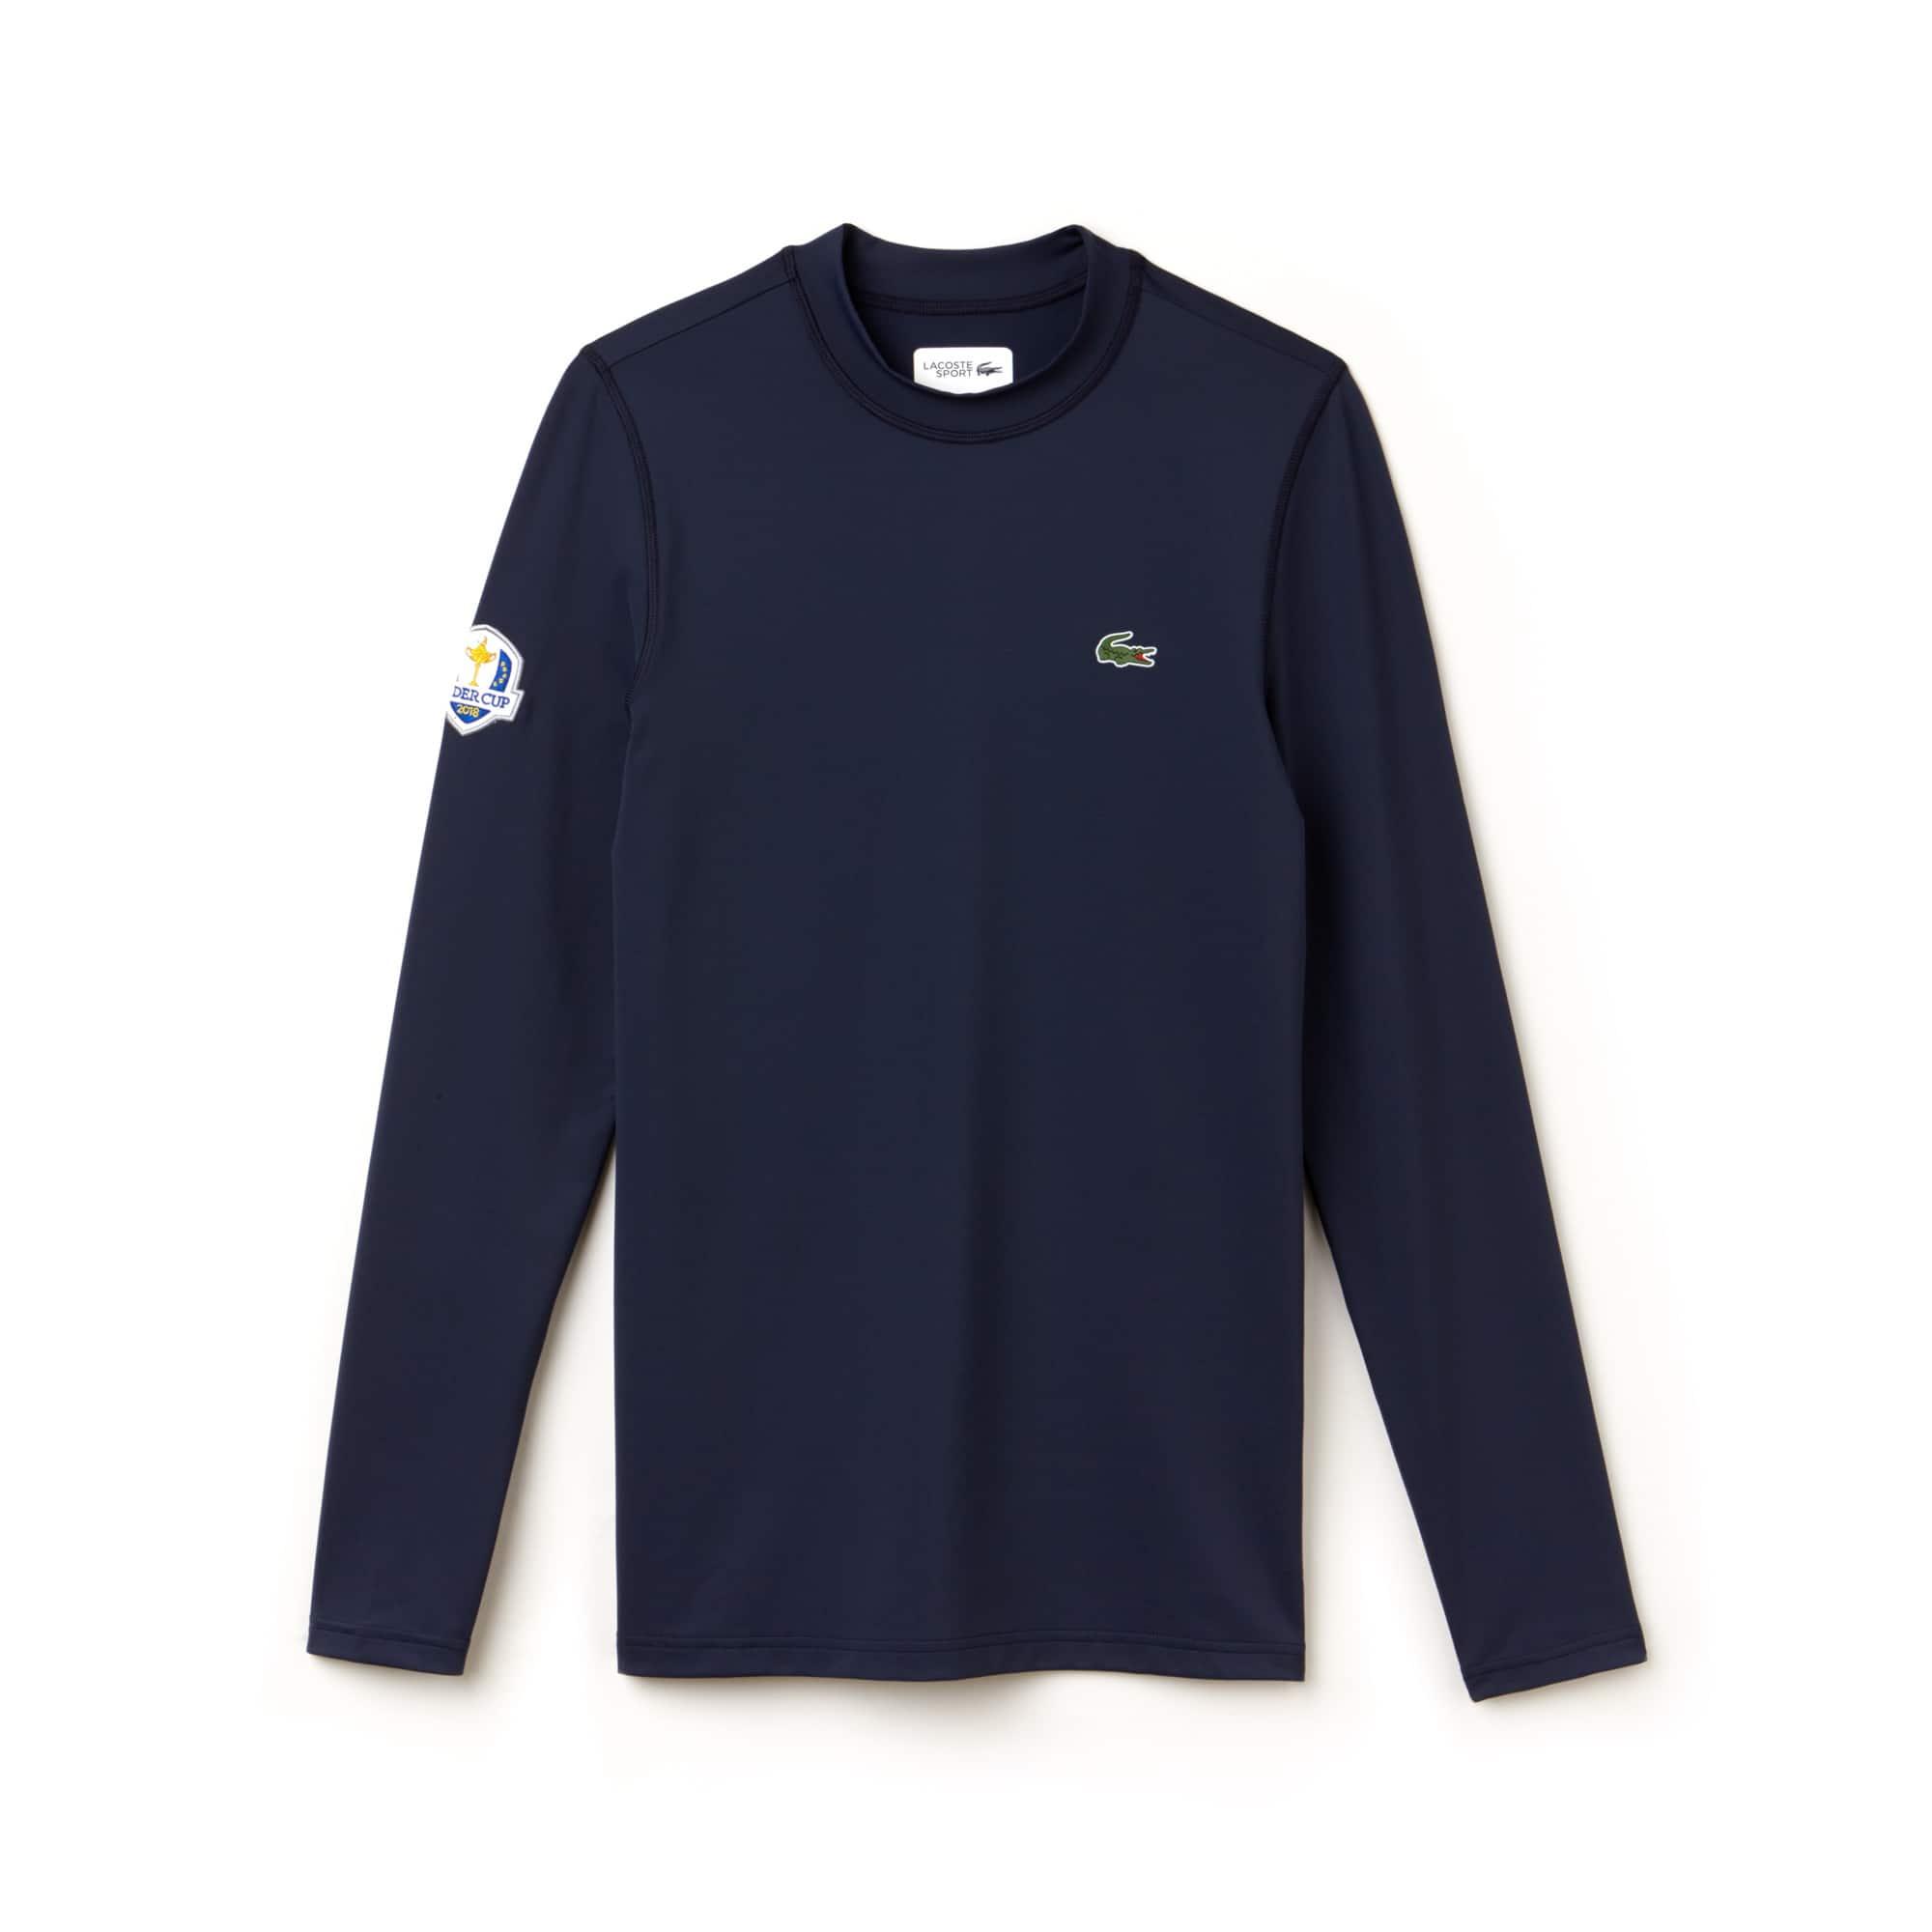 Herren LACOSTE SPORT Ryder Cup Edition Golf Jersey T-Shirt